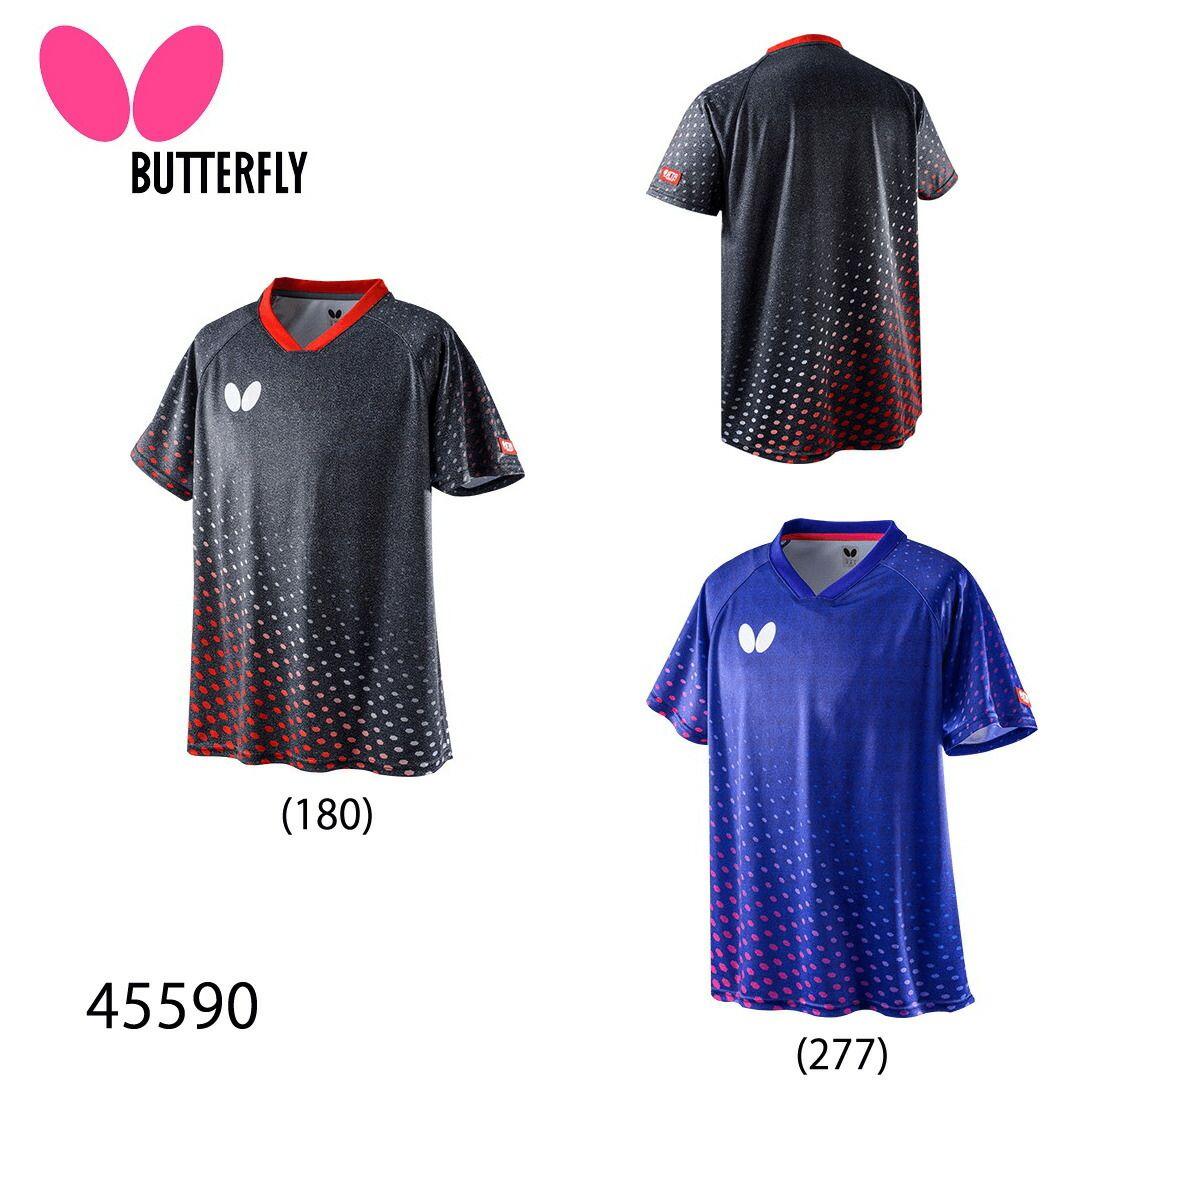 Butterfly 45590 ヘルダス シャツ バーゲンセール 卓球ウェア 取り寄せ ユニ バタフライ メール便可 2020SS 店舗